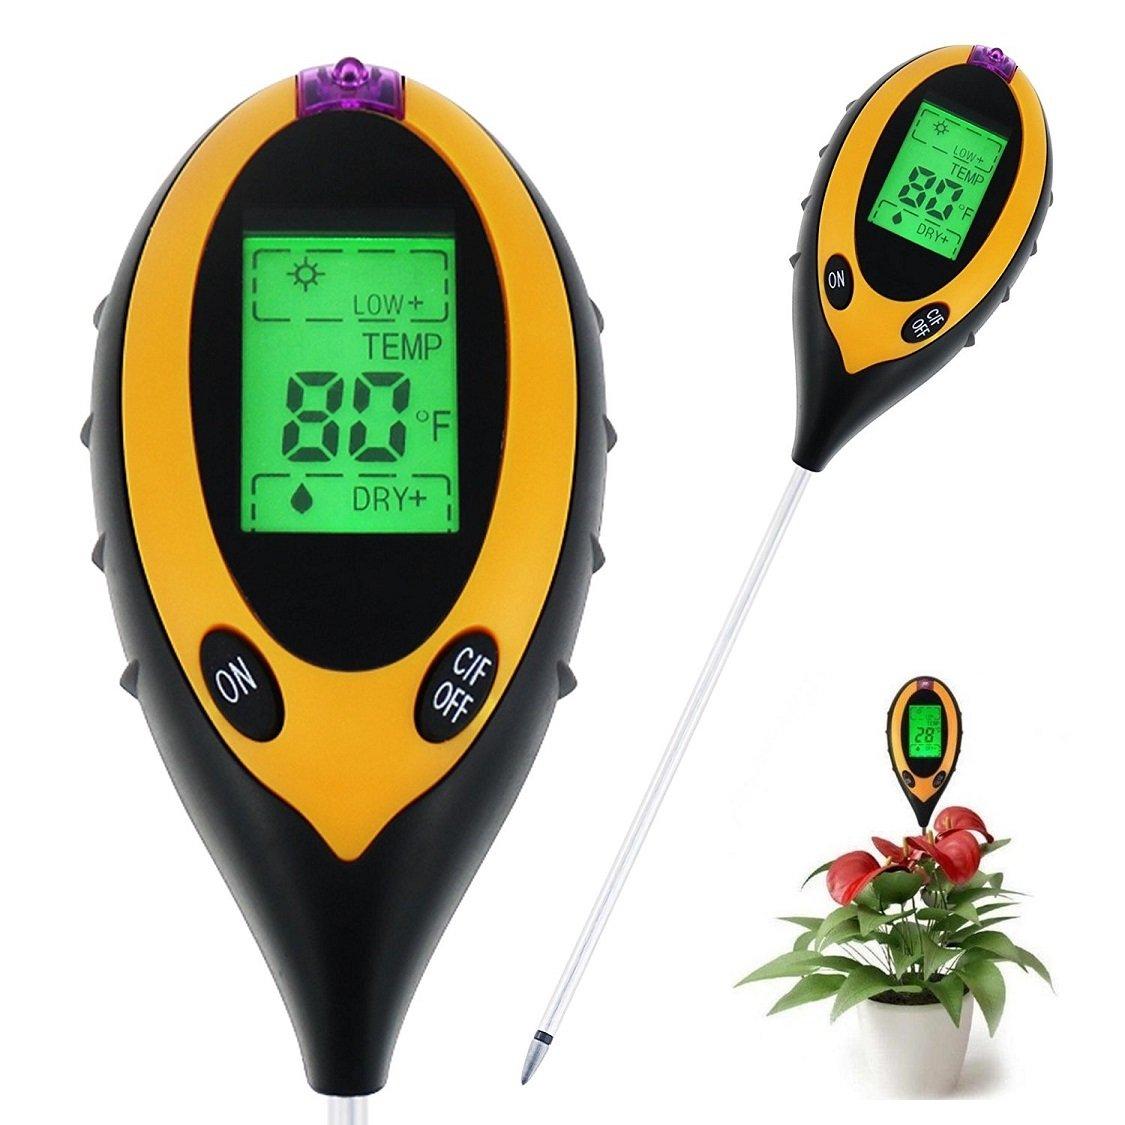 pH Soil Meter, 3-in-1 Soil Tester Kit for Moisture, Light and pH / acidity Meter Plant Tester Soil Moisture Meter for Garden Farm Lawn Planter (4 in 1)